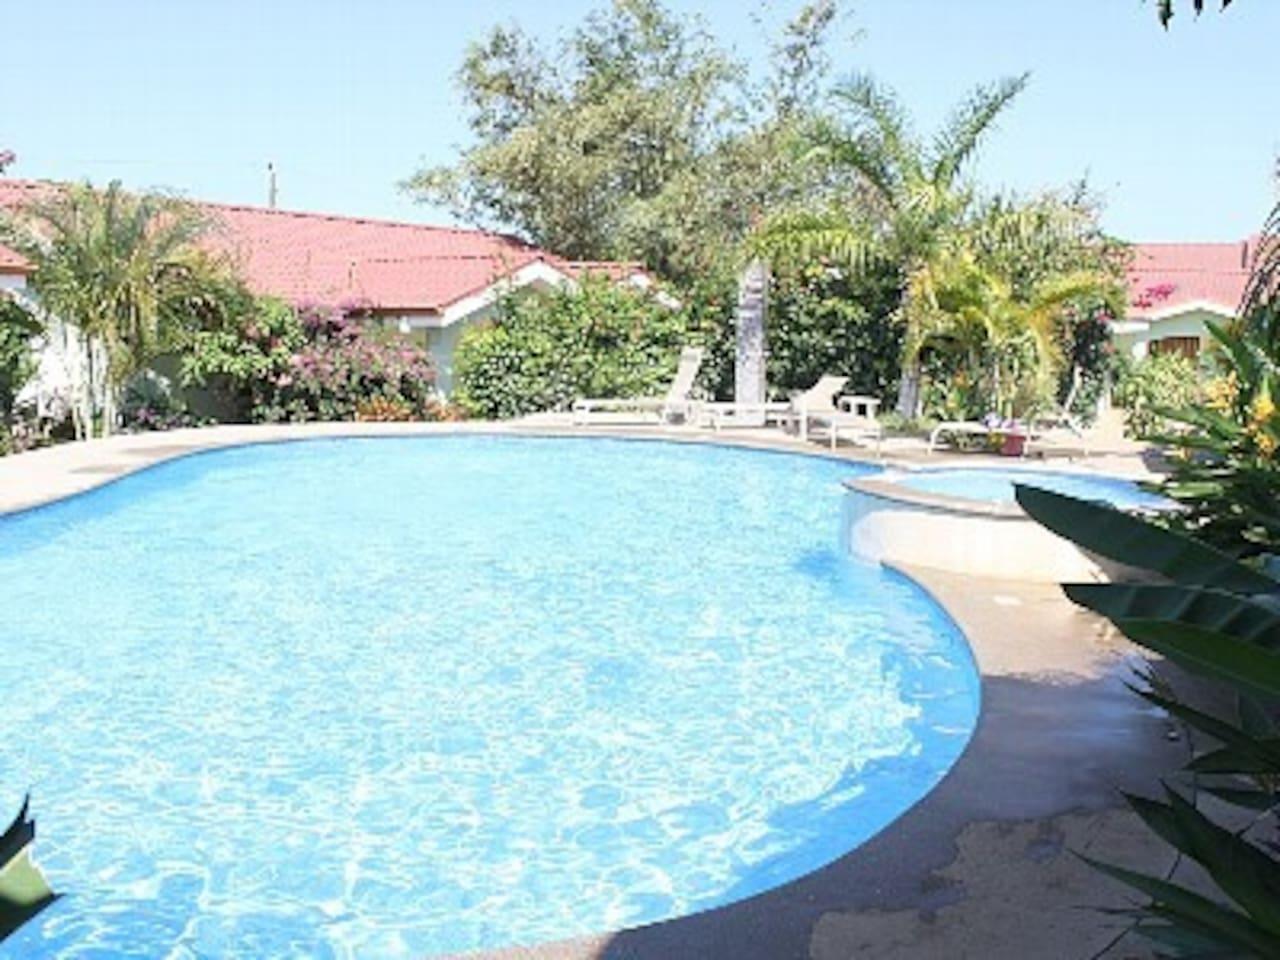 Villa 2BR, Gated Community in Coco